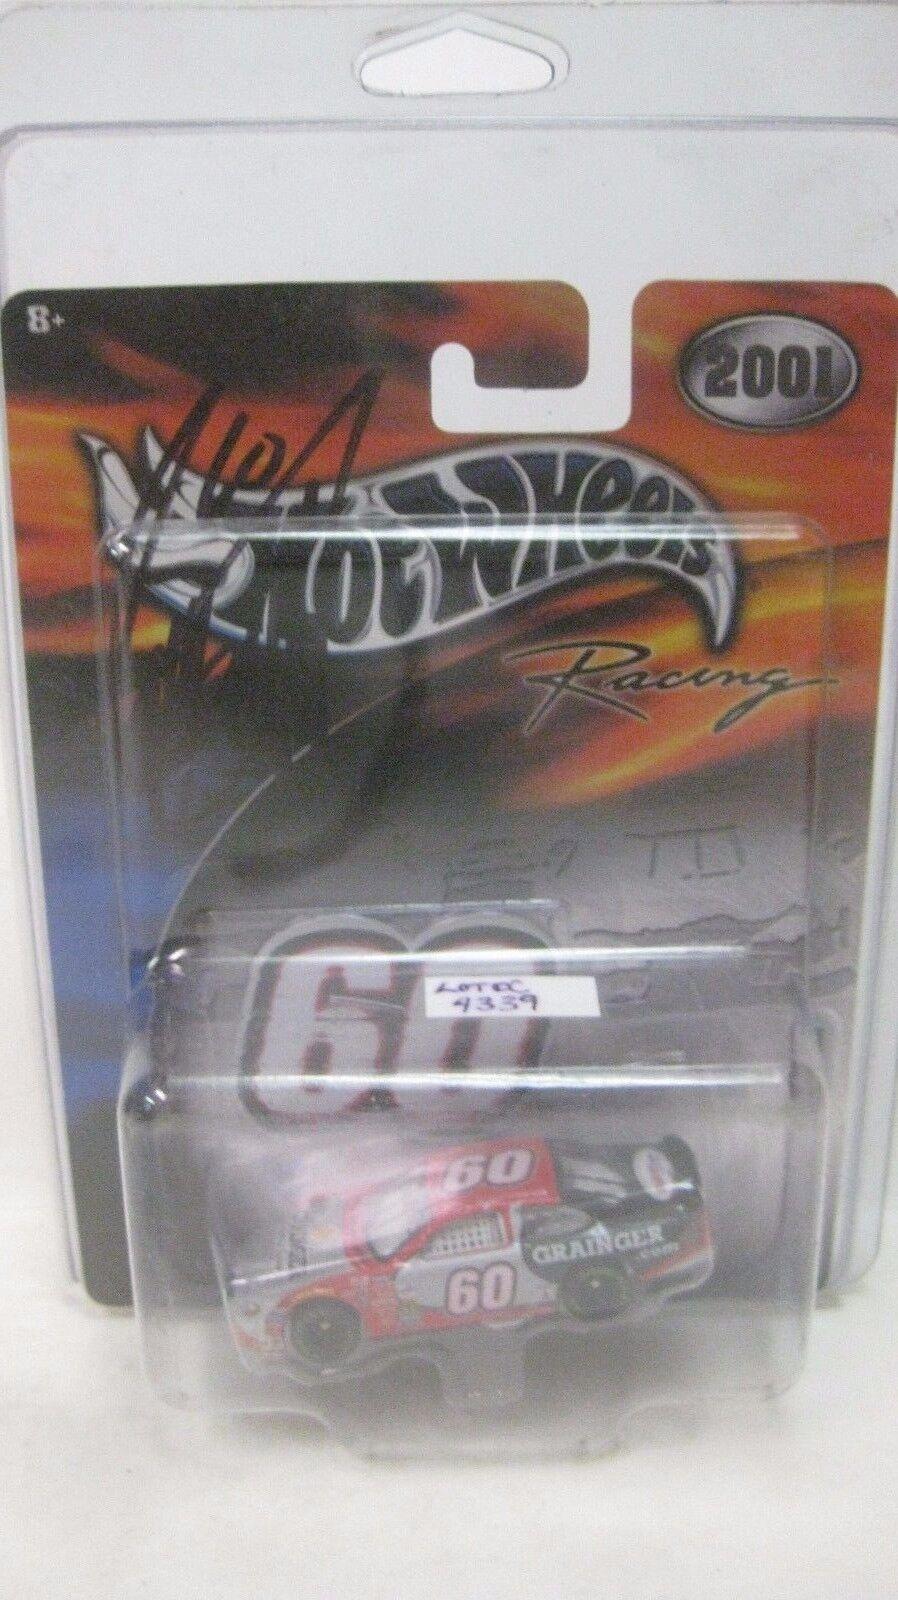 Raro Nascar 2001 Greg Biffle Autografato Ford Taurus 1 64 Pressofuso Nuovo